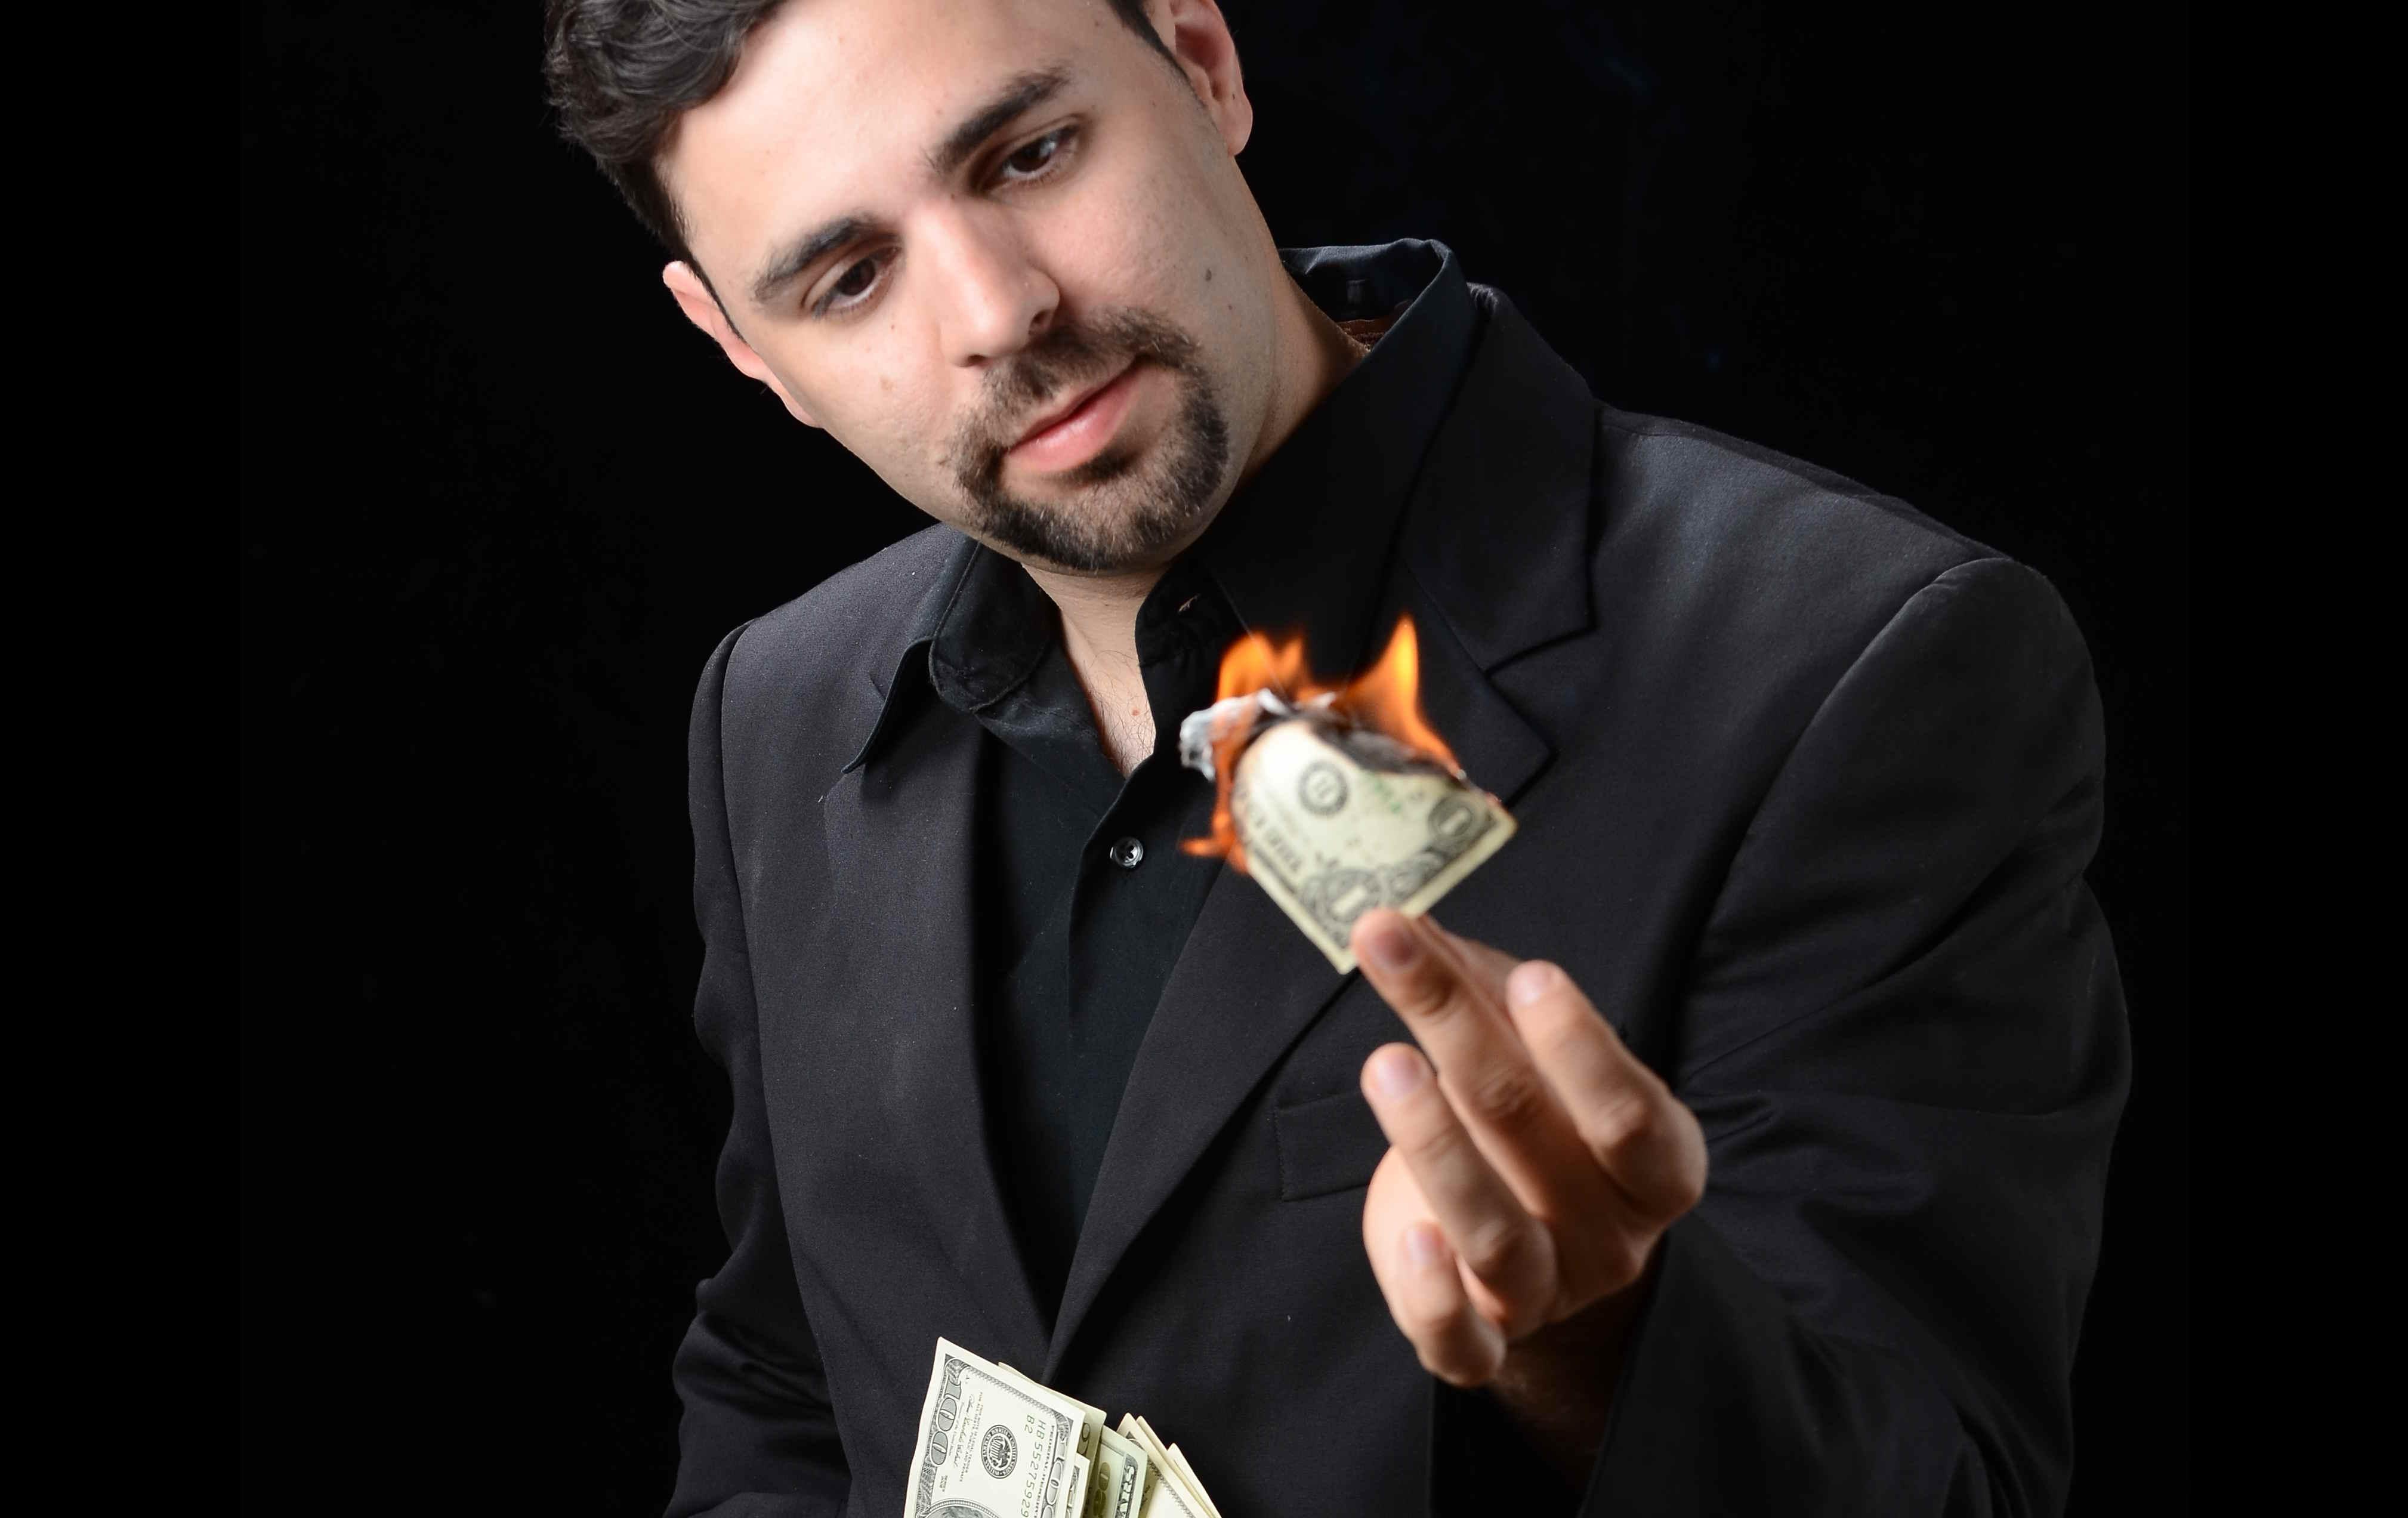 מופע טלפתיה הרצאה משמעות הכסף כמוטיבציה.jpg